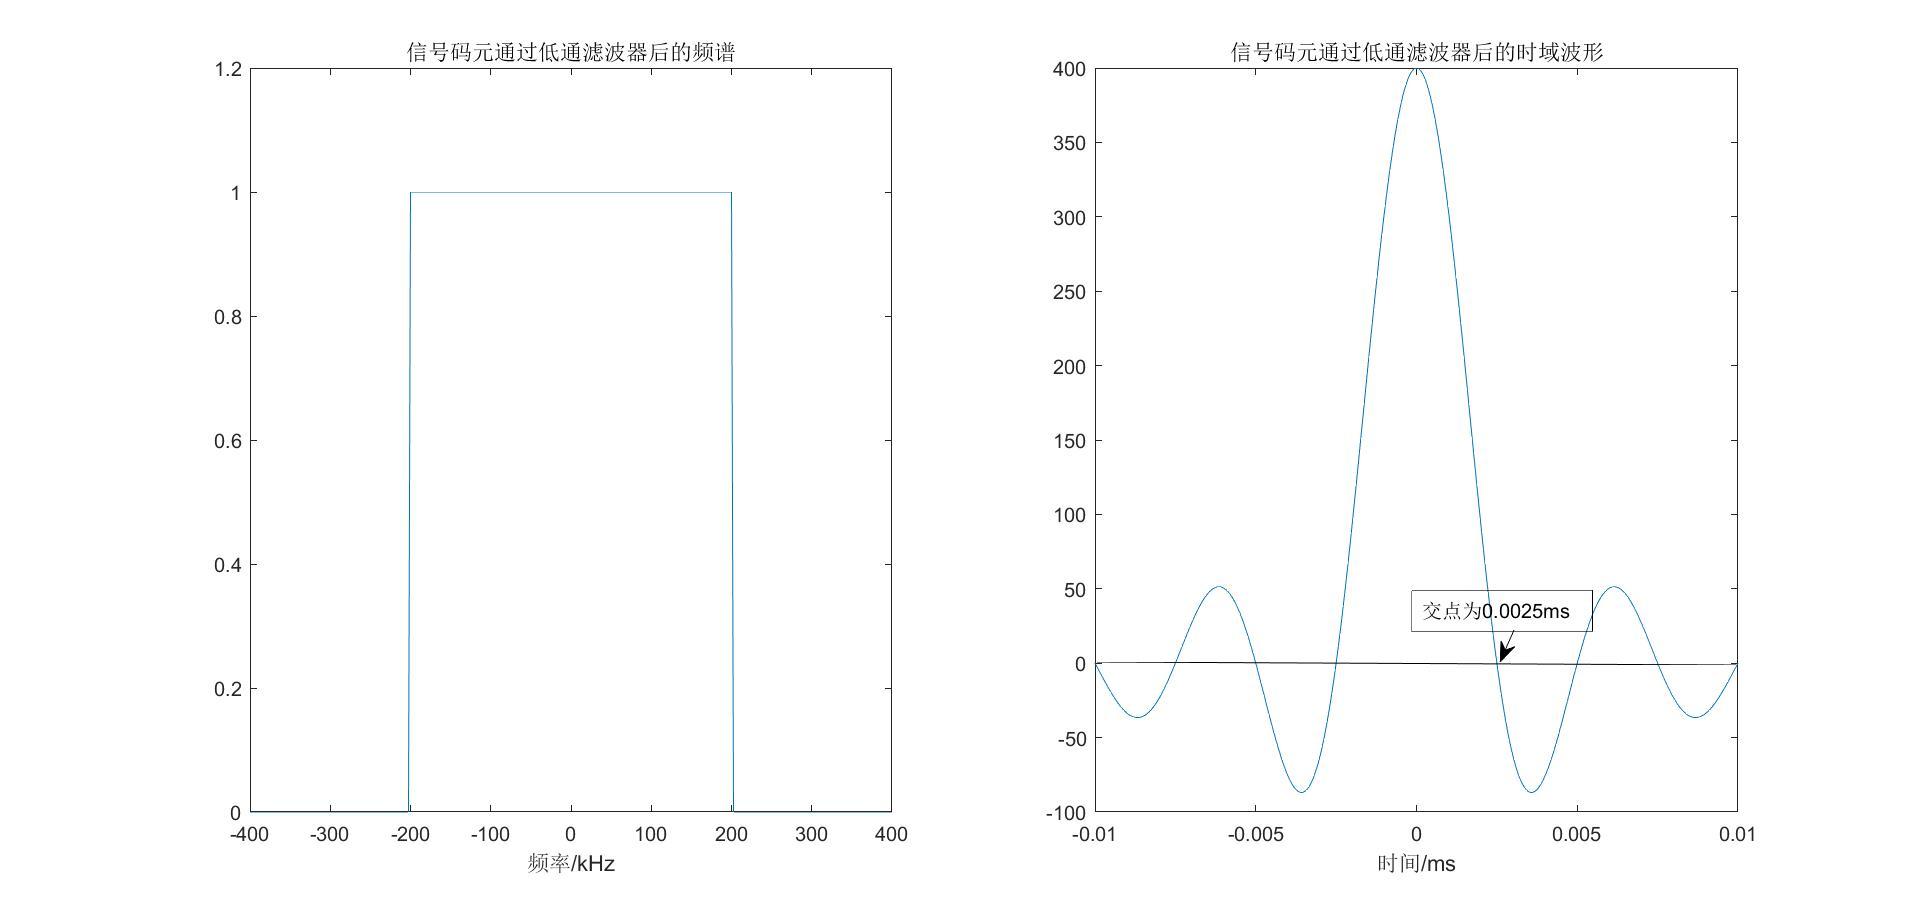 码元低通滤波后的频谱和时域波形